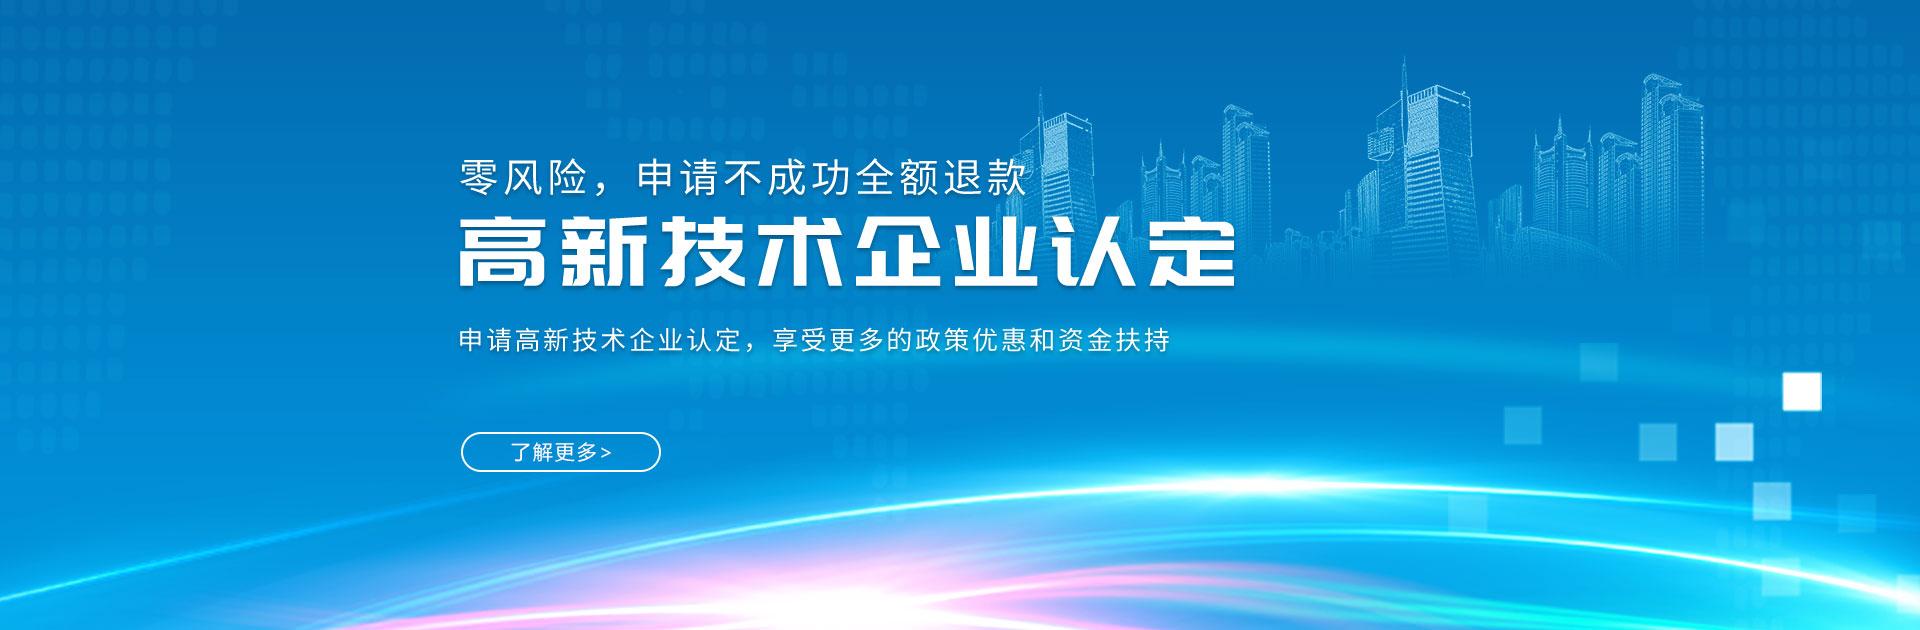 深圳高新企业认定_高新企业认证_高新企业申报_政府补贴项目-开心投资